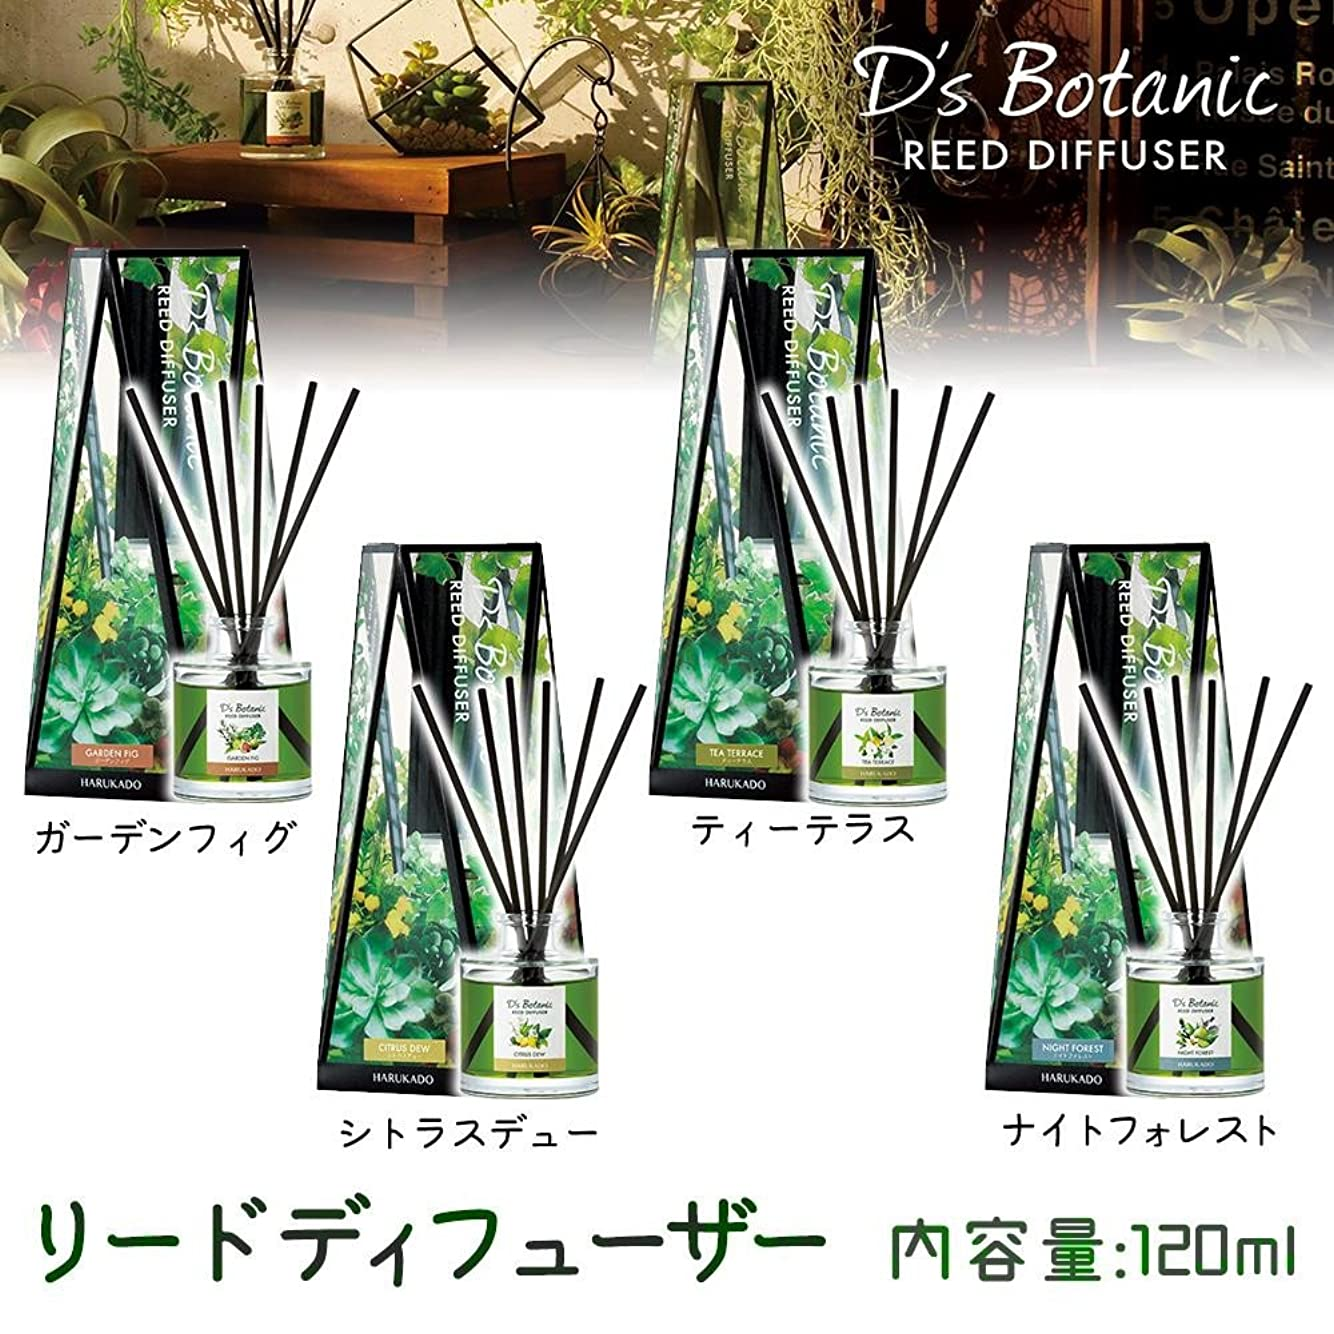 万歳保護一定D'S Botanic(デイズボタニック) リードディフューザー ルームフレグランス 120ml ティーテラス?6230【人気 おすすめ 】